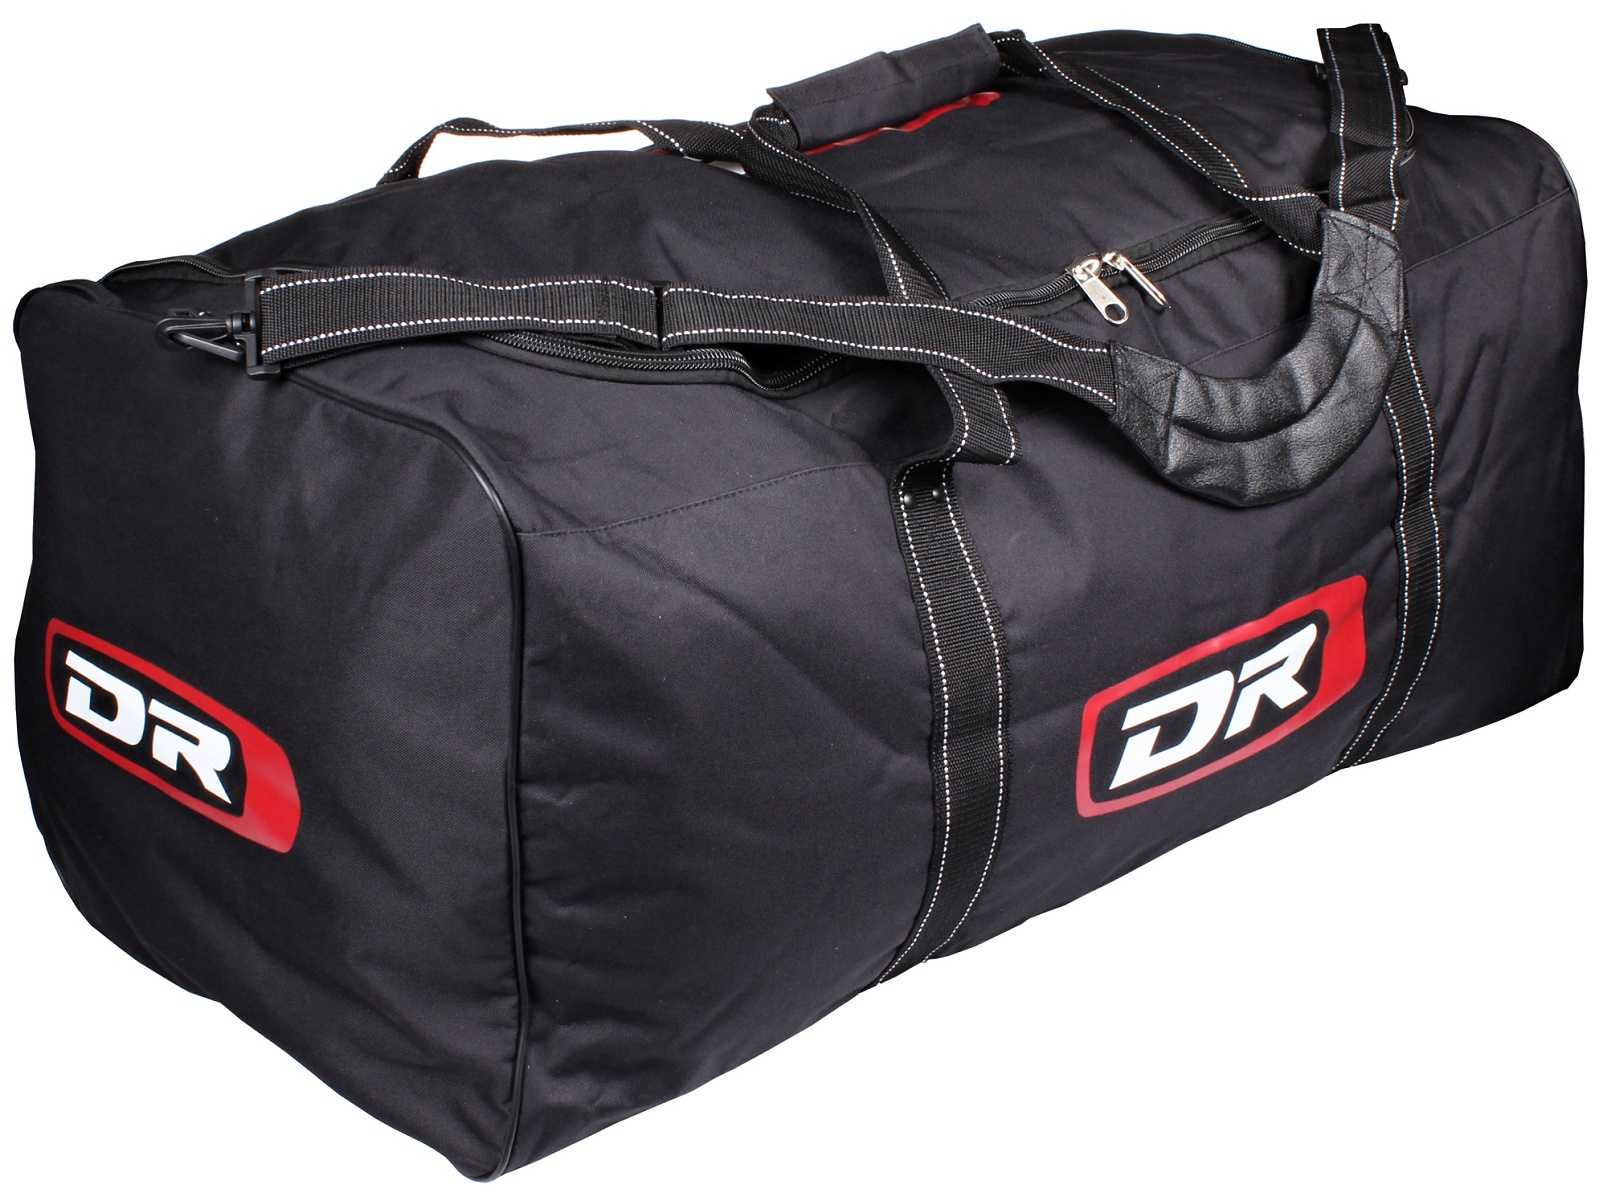 Hokejová taška DR Bag 613 SR černá